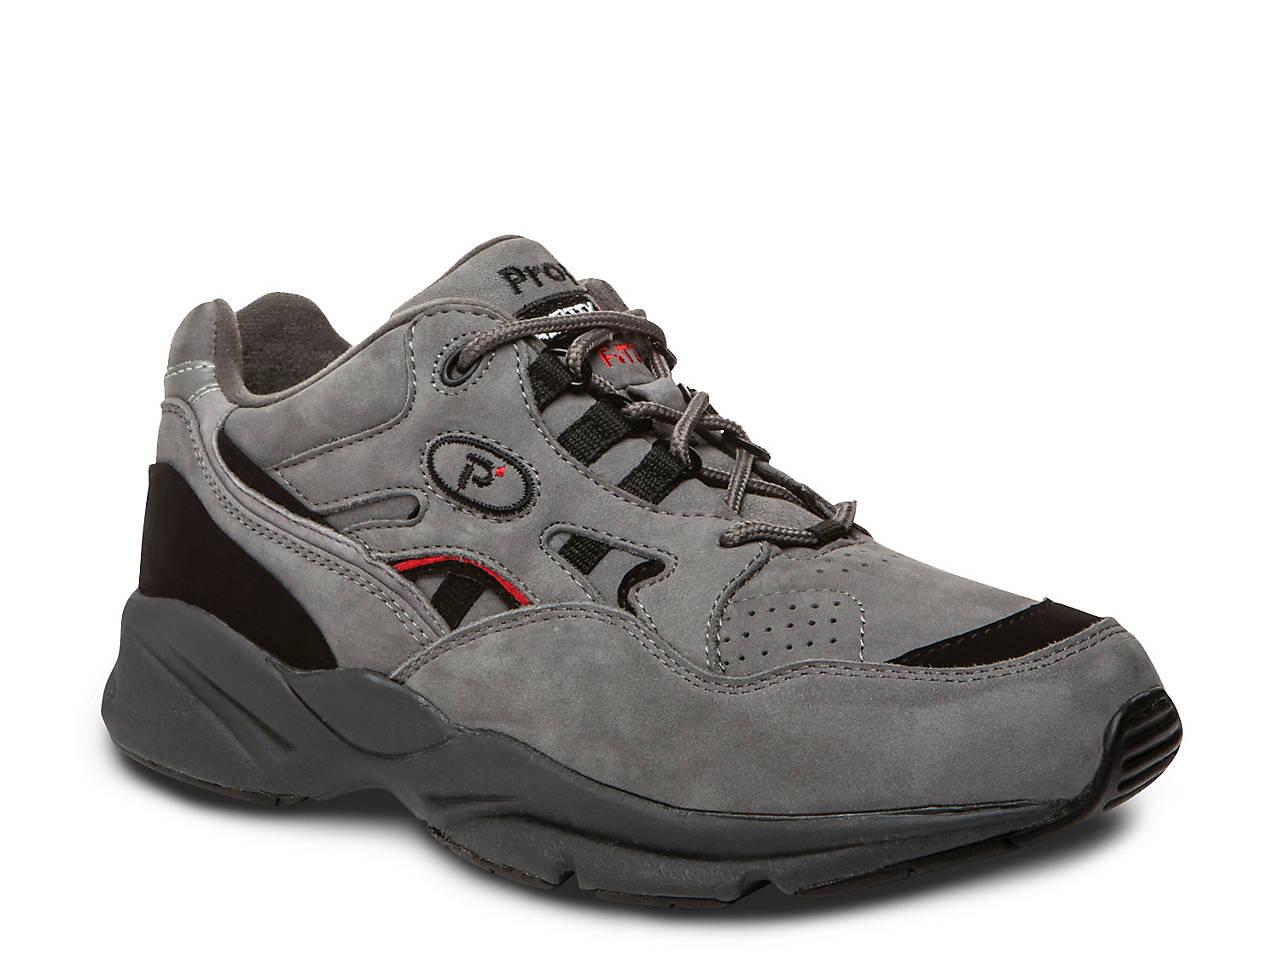 5e3967622ba7 Propet Stability Walker Walking Shoe Men s Shoes